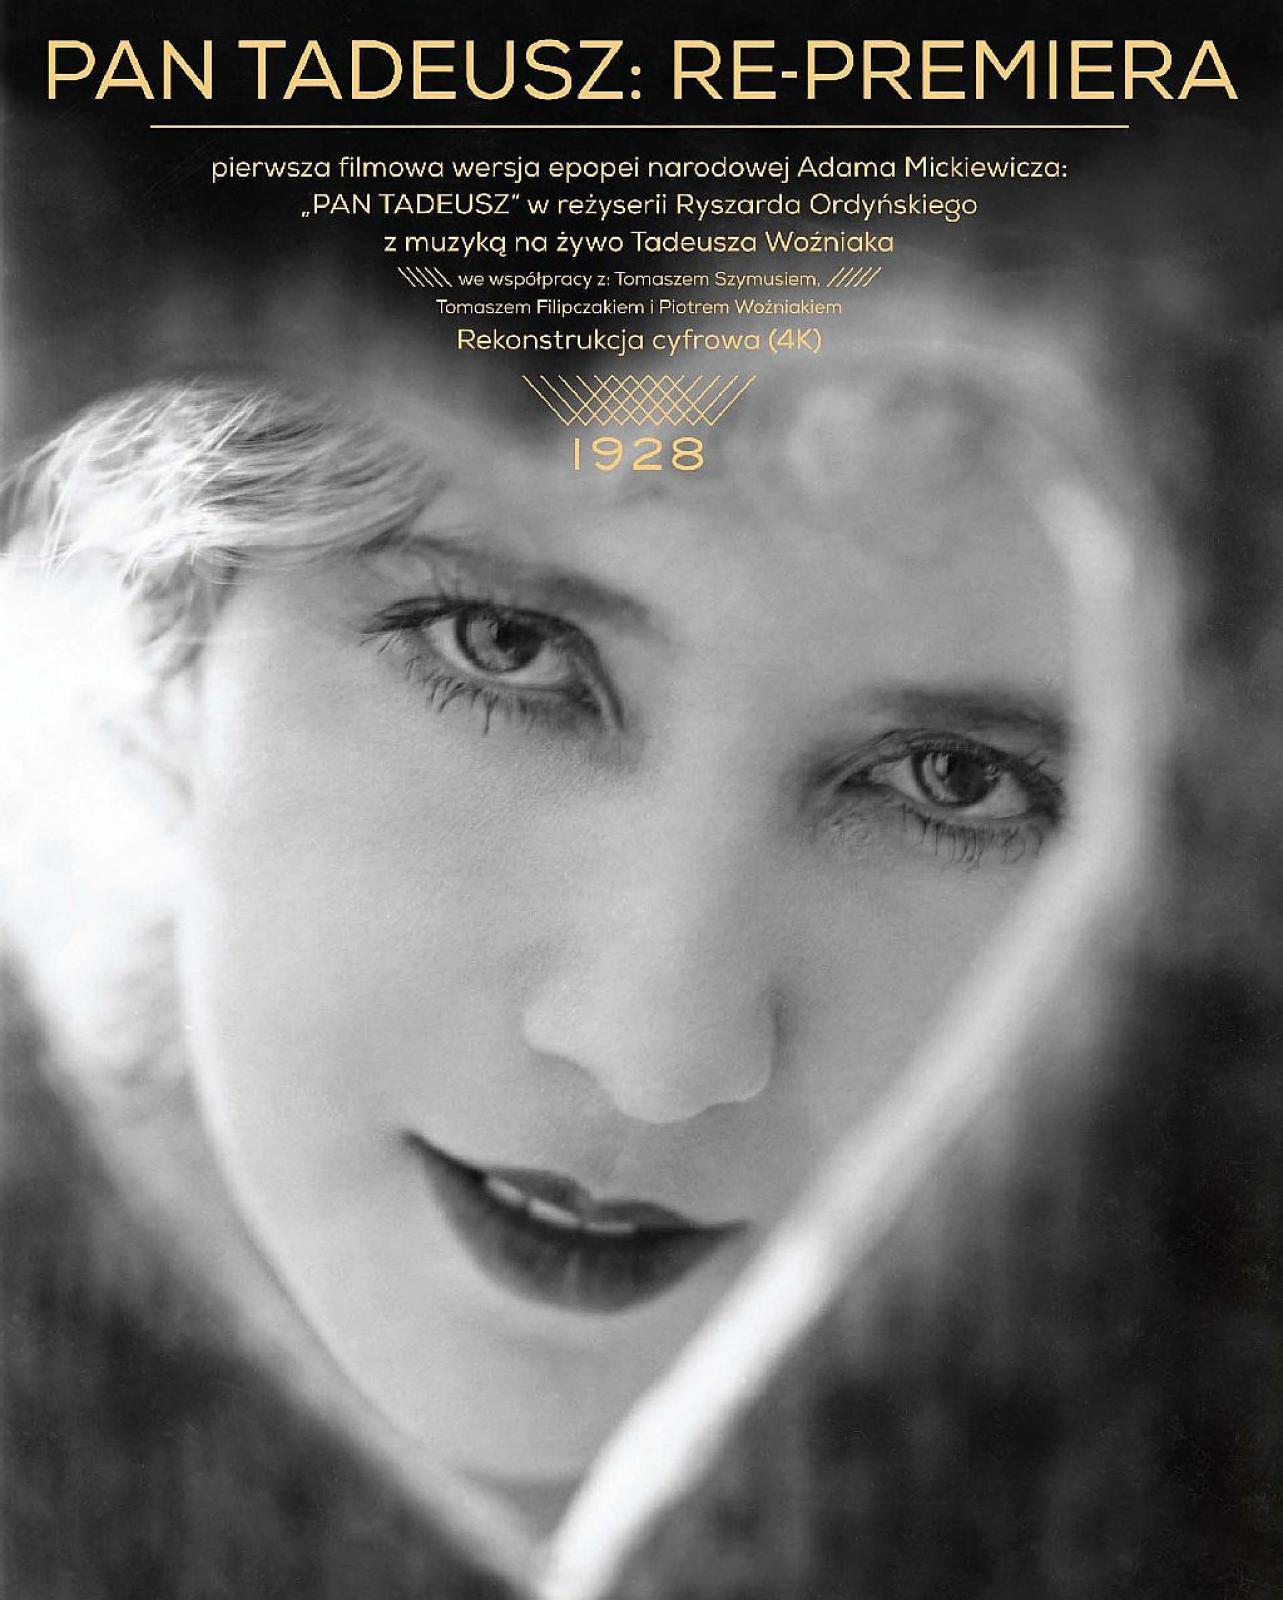 PLENEROWE KINO W MÓZGU - Pan Tadeusz (film niemy z 1928)